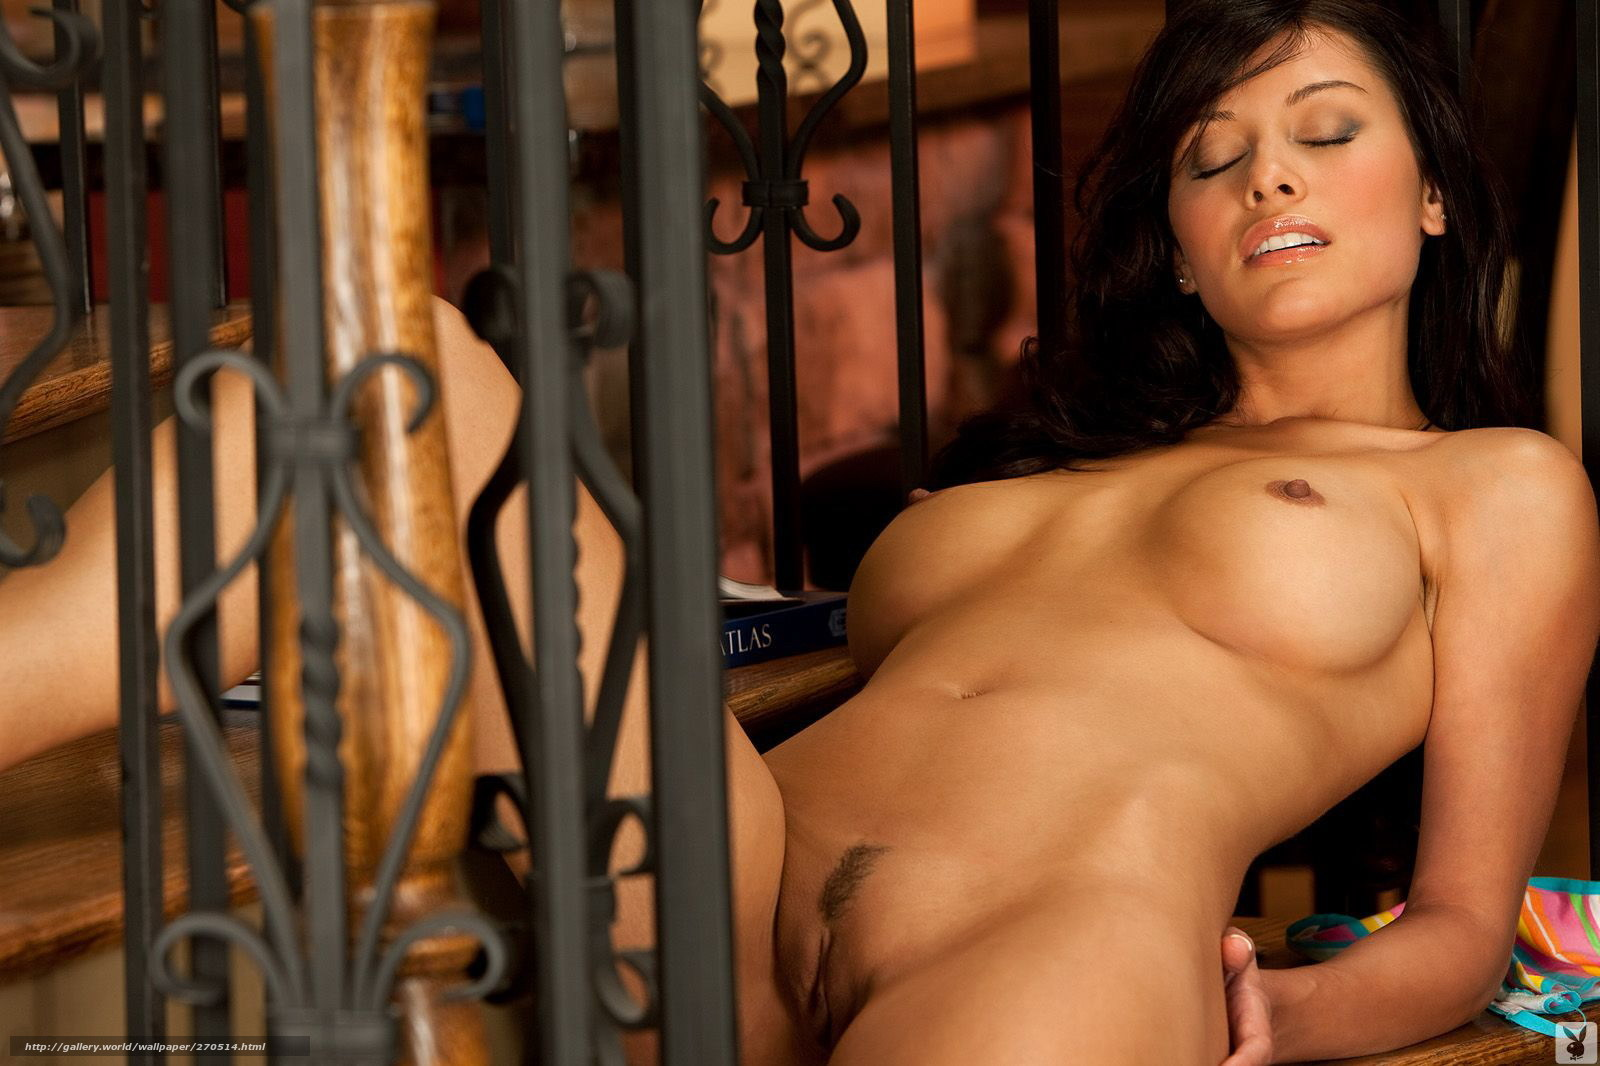 Самые красивые девушки полностью голые 26 фотография